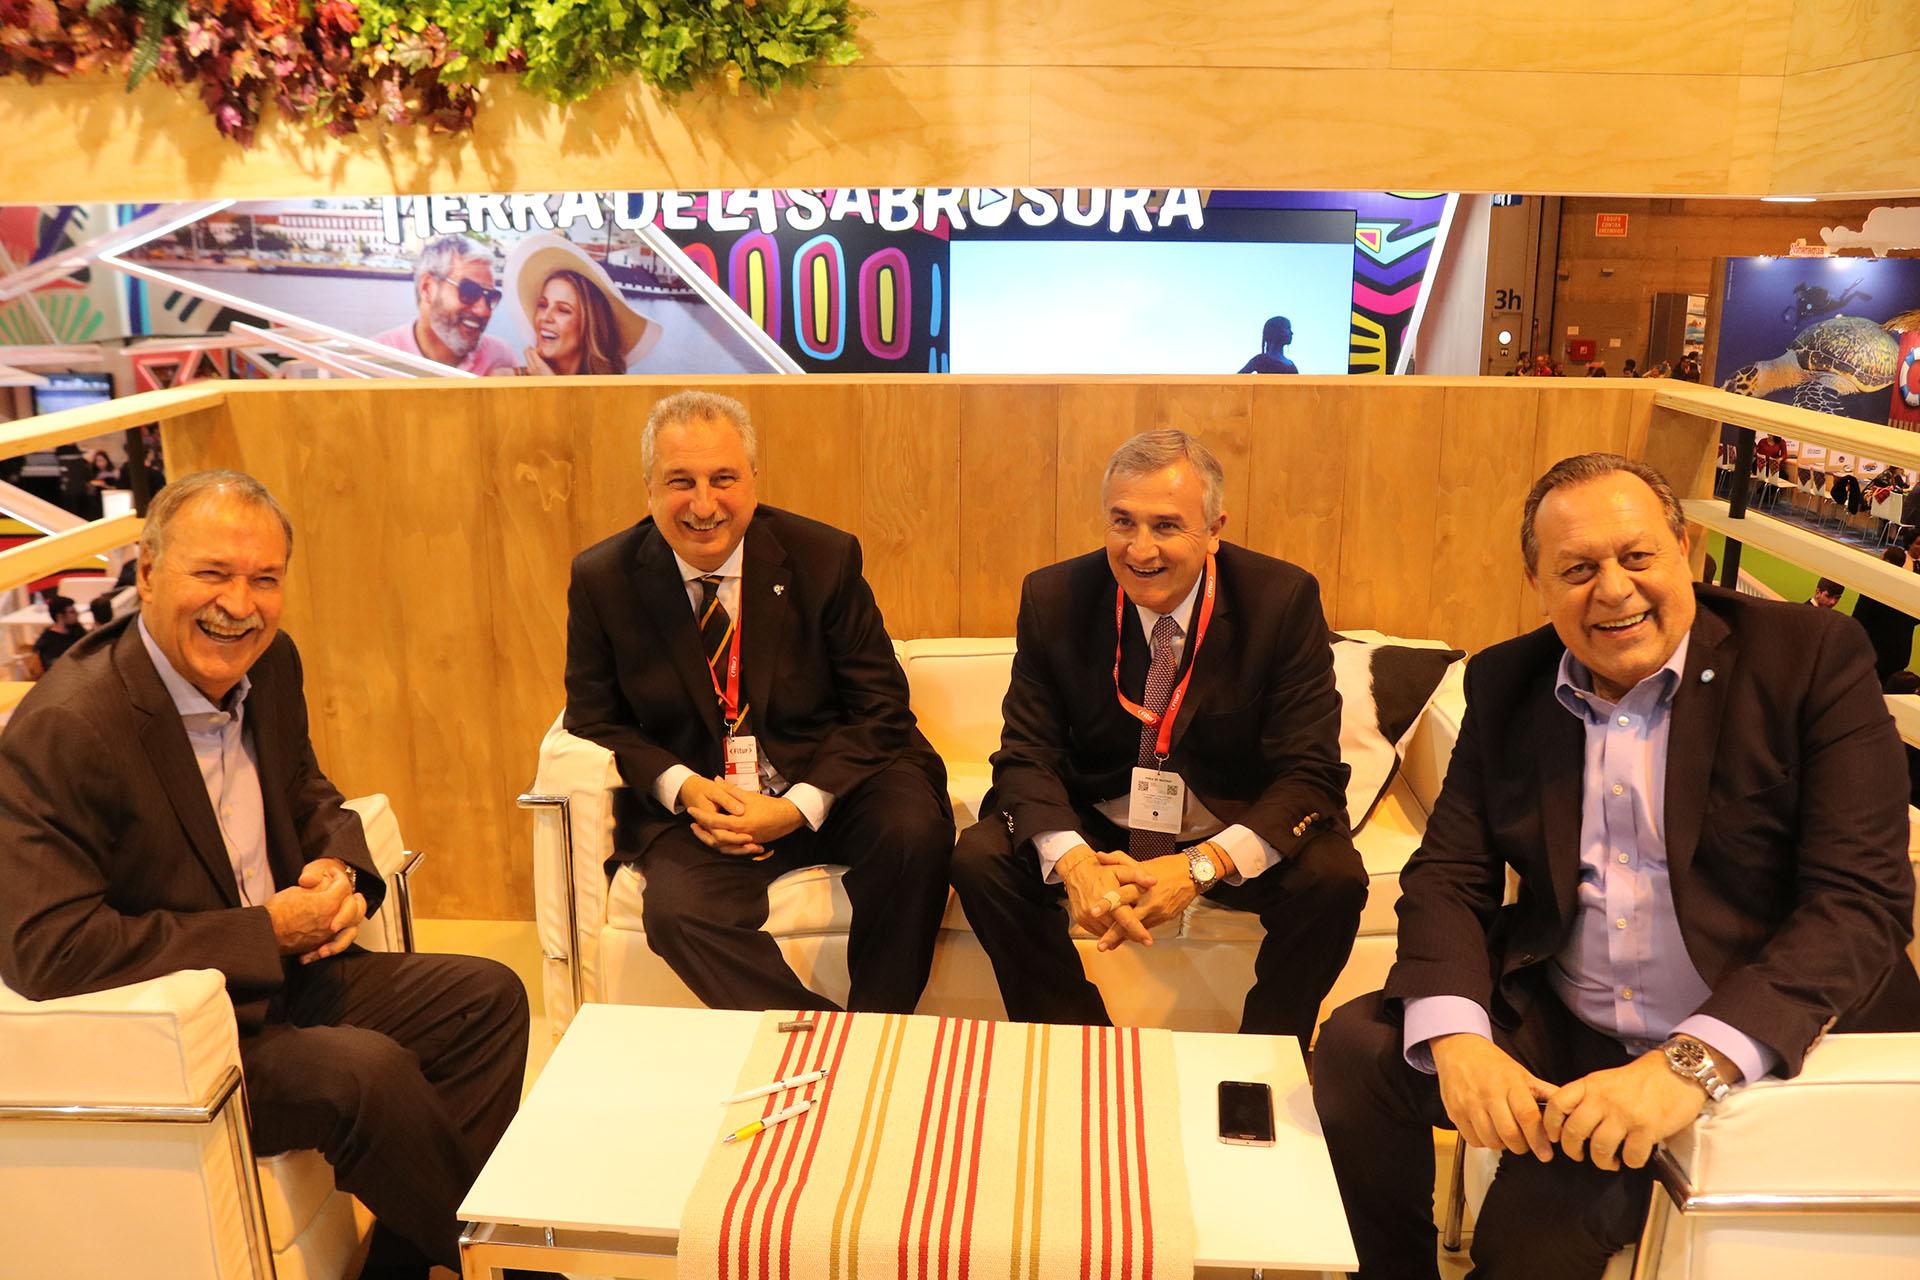 Santos y los gobernadores Schiaretti, Morales y Passalacqua, juntos en España. El ministro de Turismo destacó la importancia de que los gobernadores provinciales estén acompañando al ministerio en la misión de posicionar Argentina en el mundo.